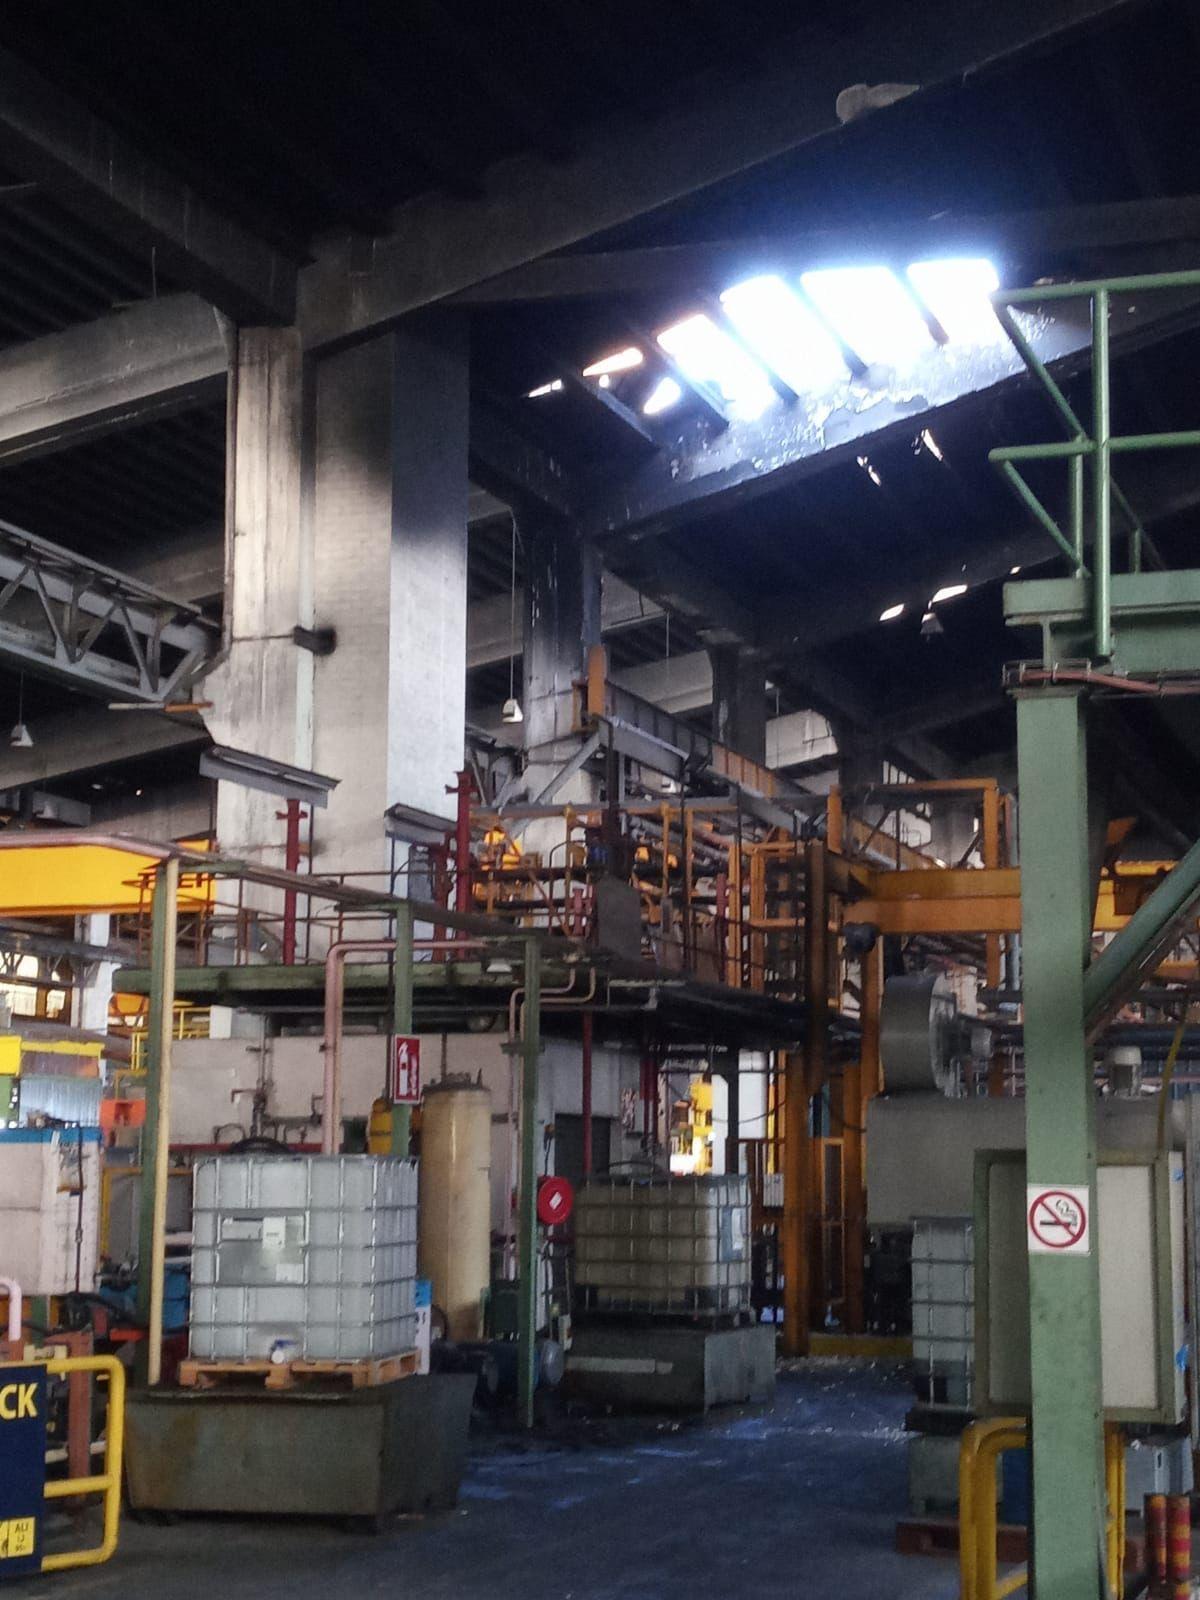 Incendio en una empresa de aluminio en Alicante